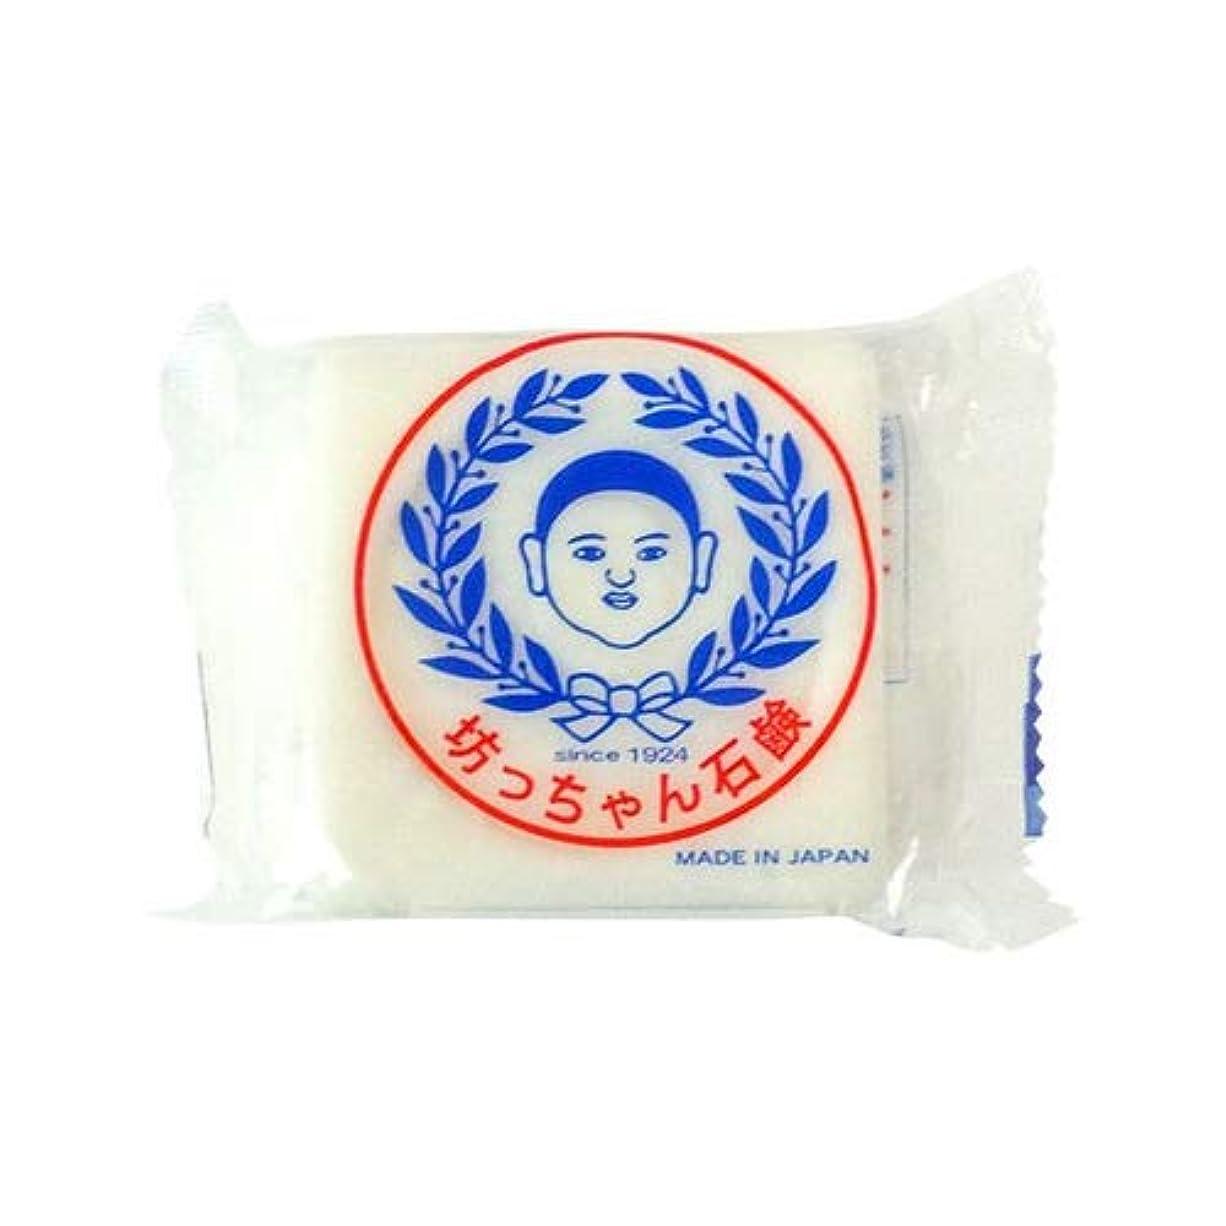 検出器冷笑する懐疑論坊っちゃん石鹸 ミニサイズ 100g